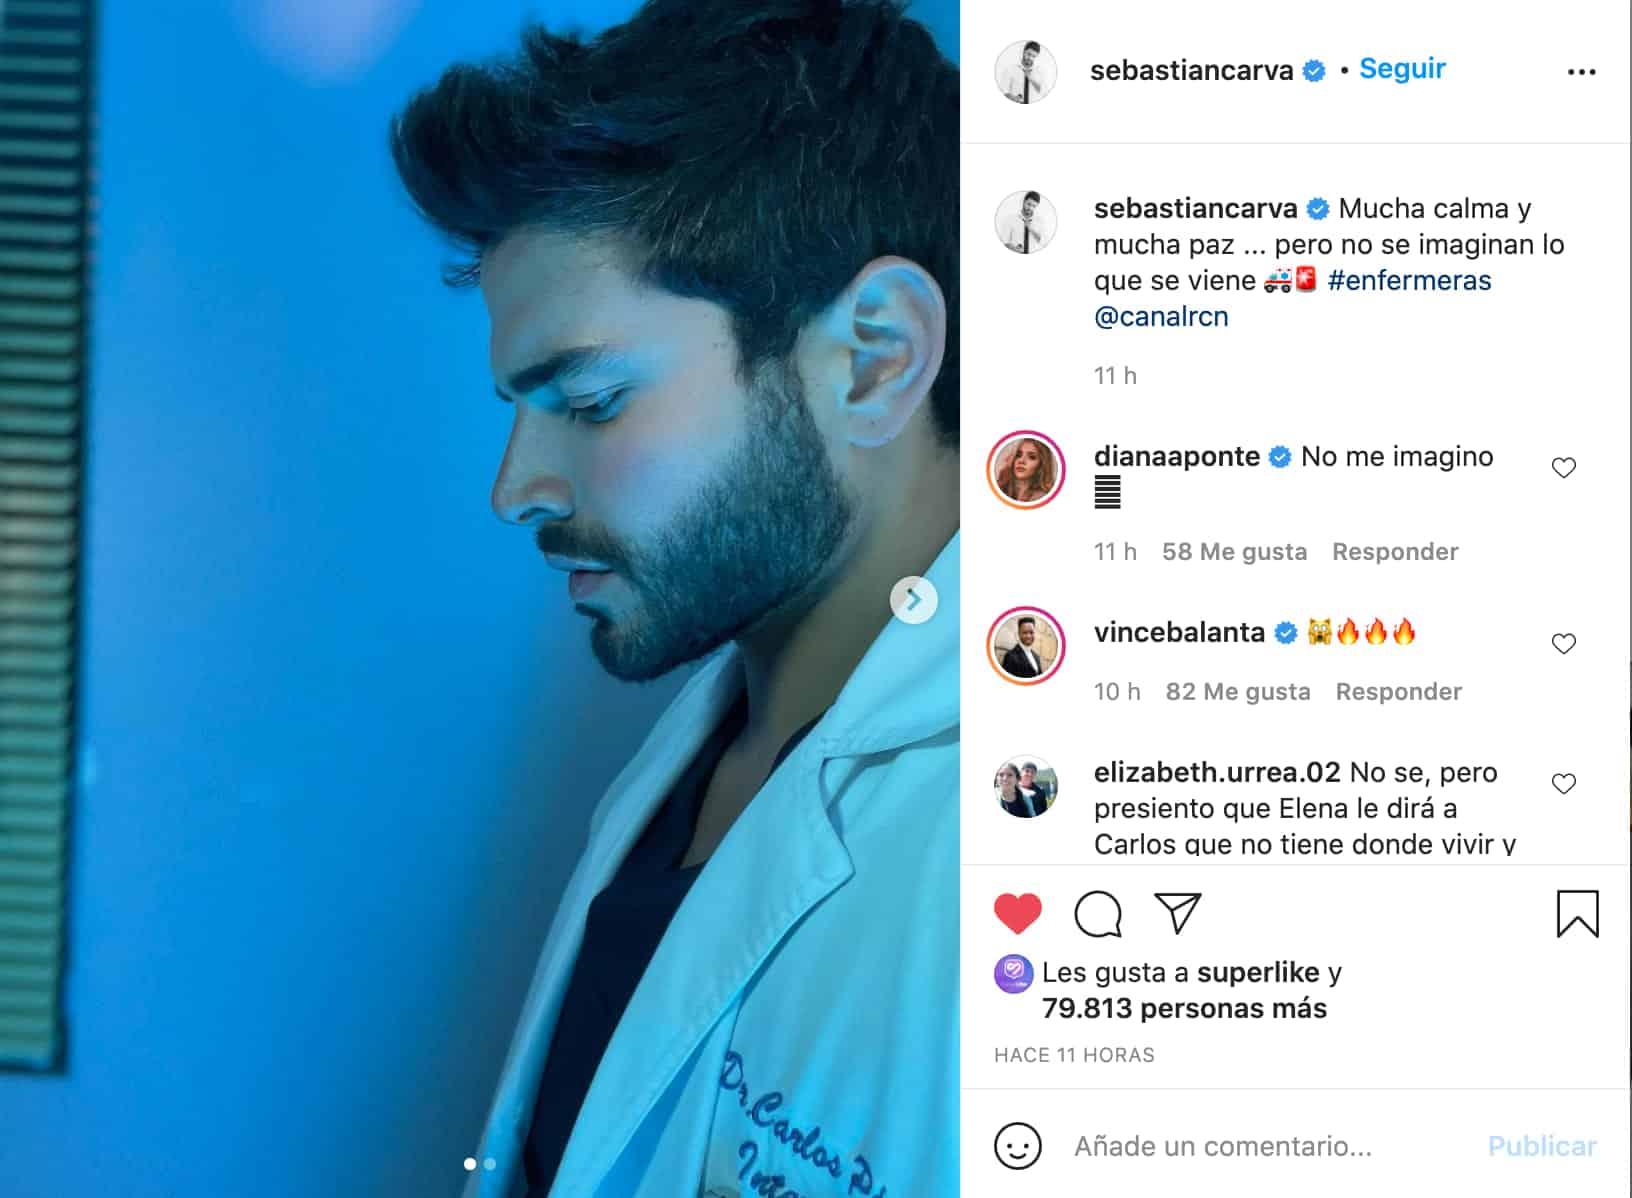 El enigmático mensaje de Diana Hoyos y Sebastián Carvajal en Instagram